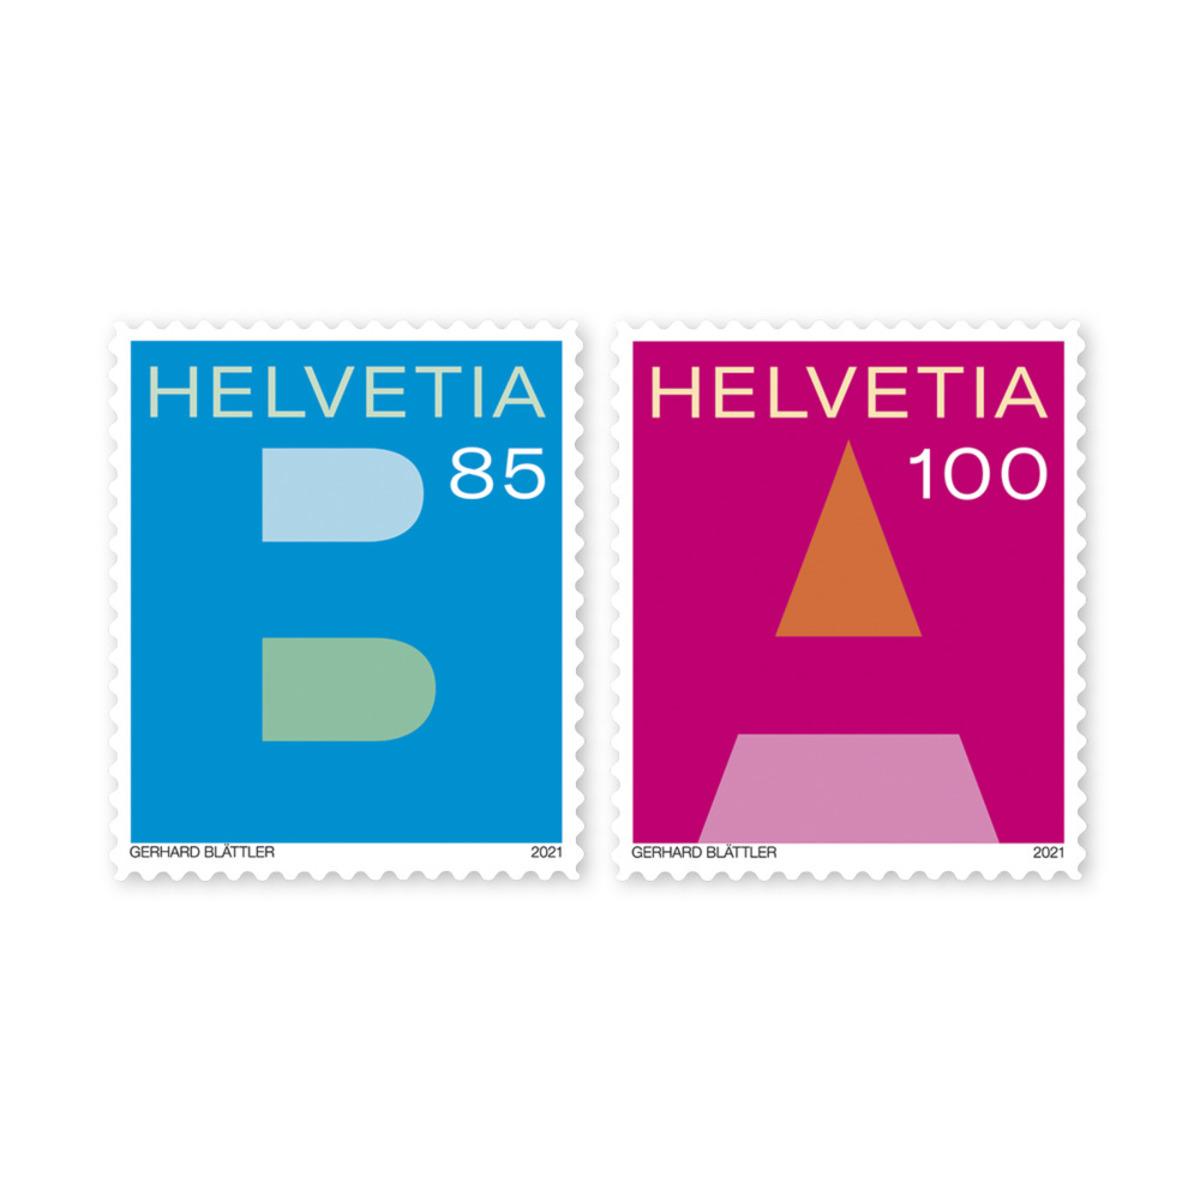 瑞士3月4日发行A类邮件和B类邮件邮票